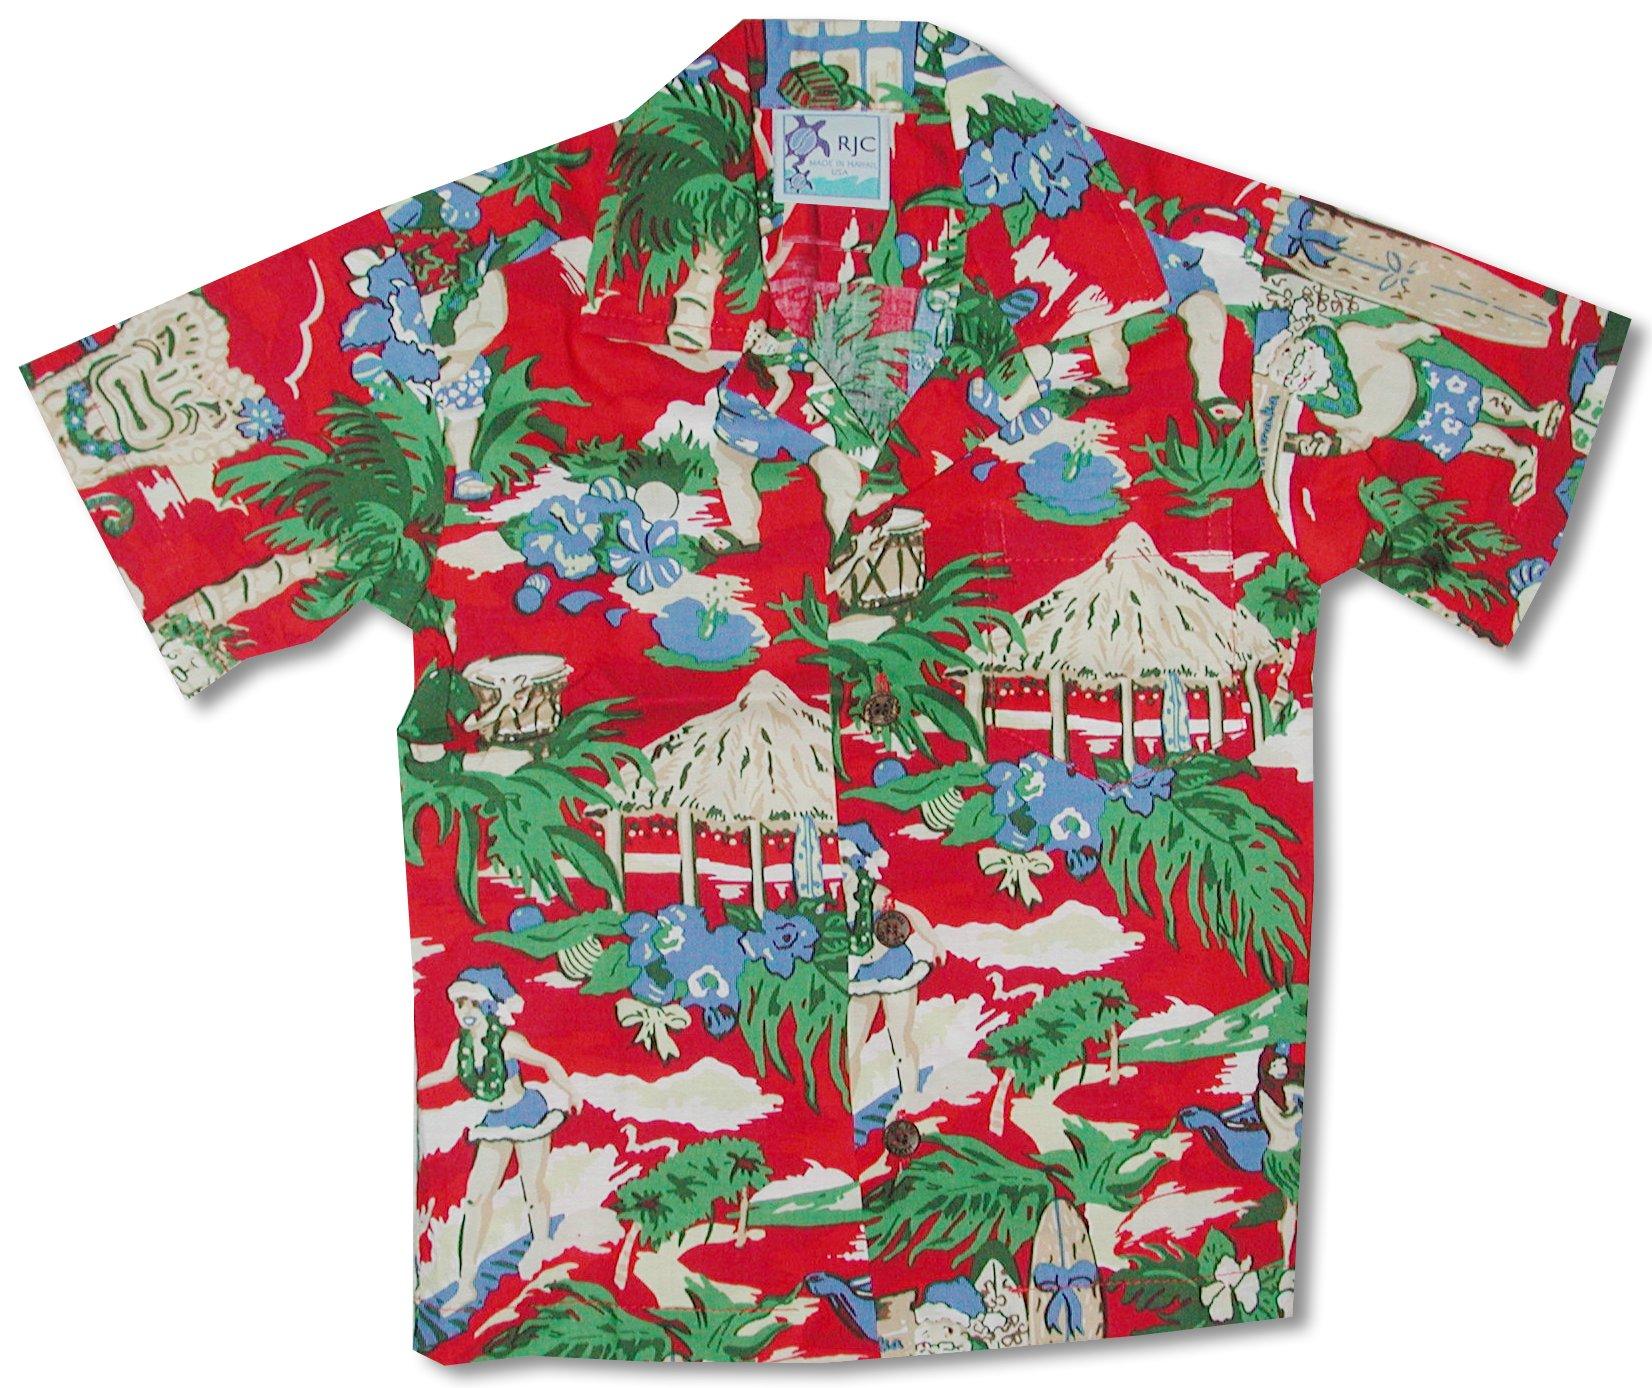 RJC Boys Hawaiian Santa More Beach Fun Shirt Red 18